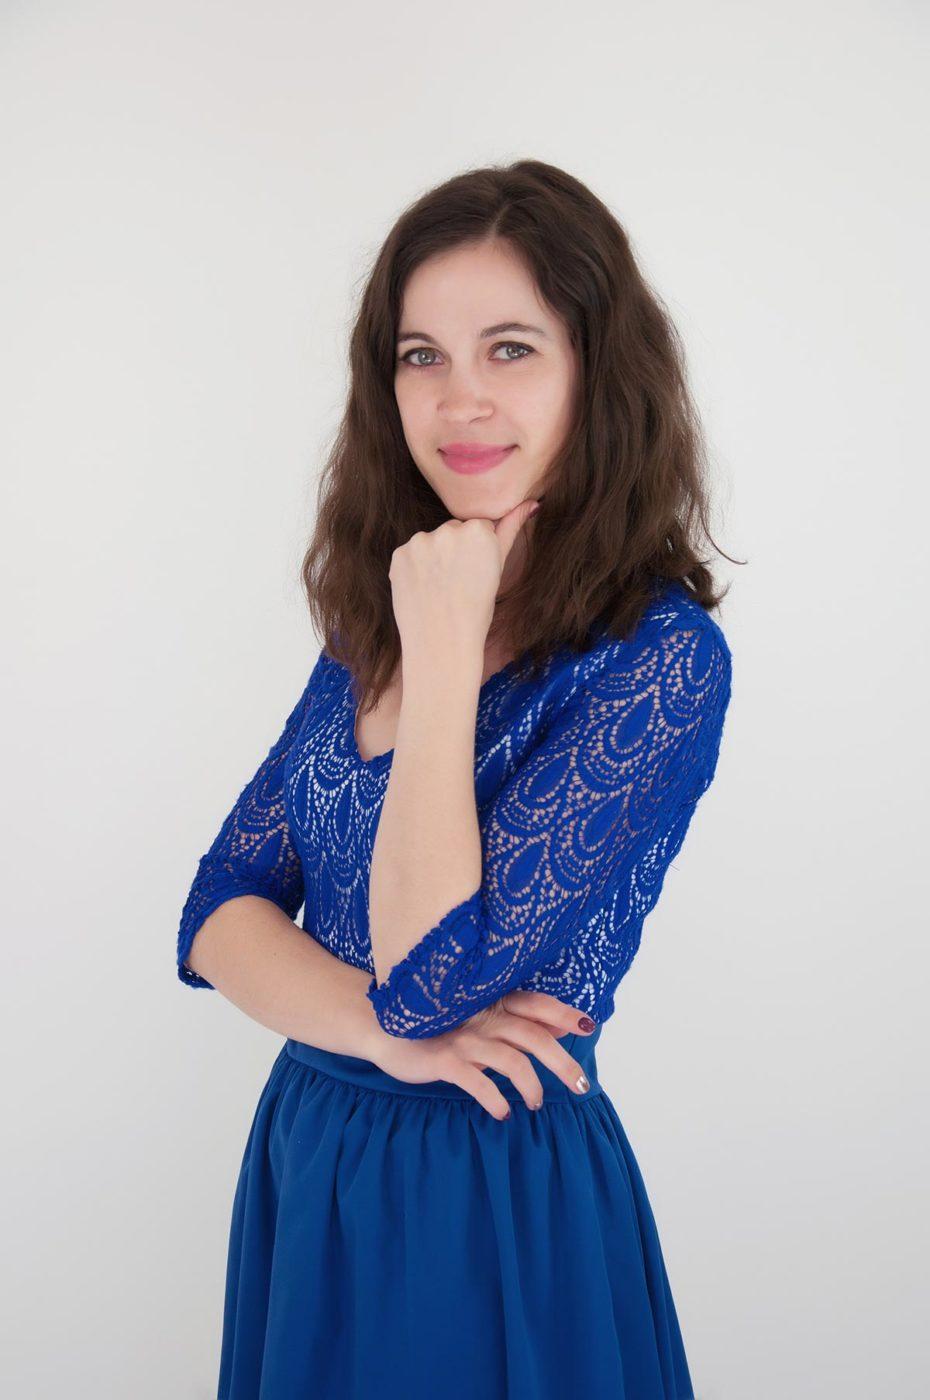 Оберніхіна Євгенія Вікторівна